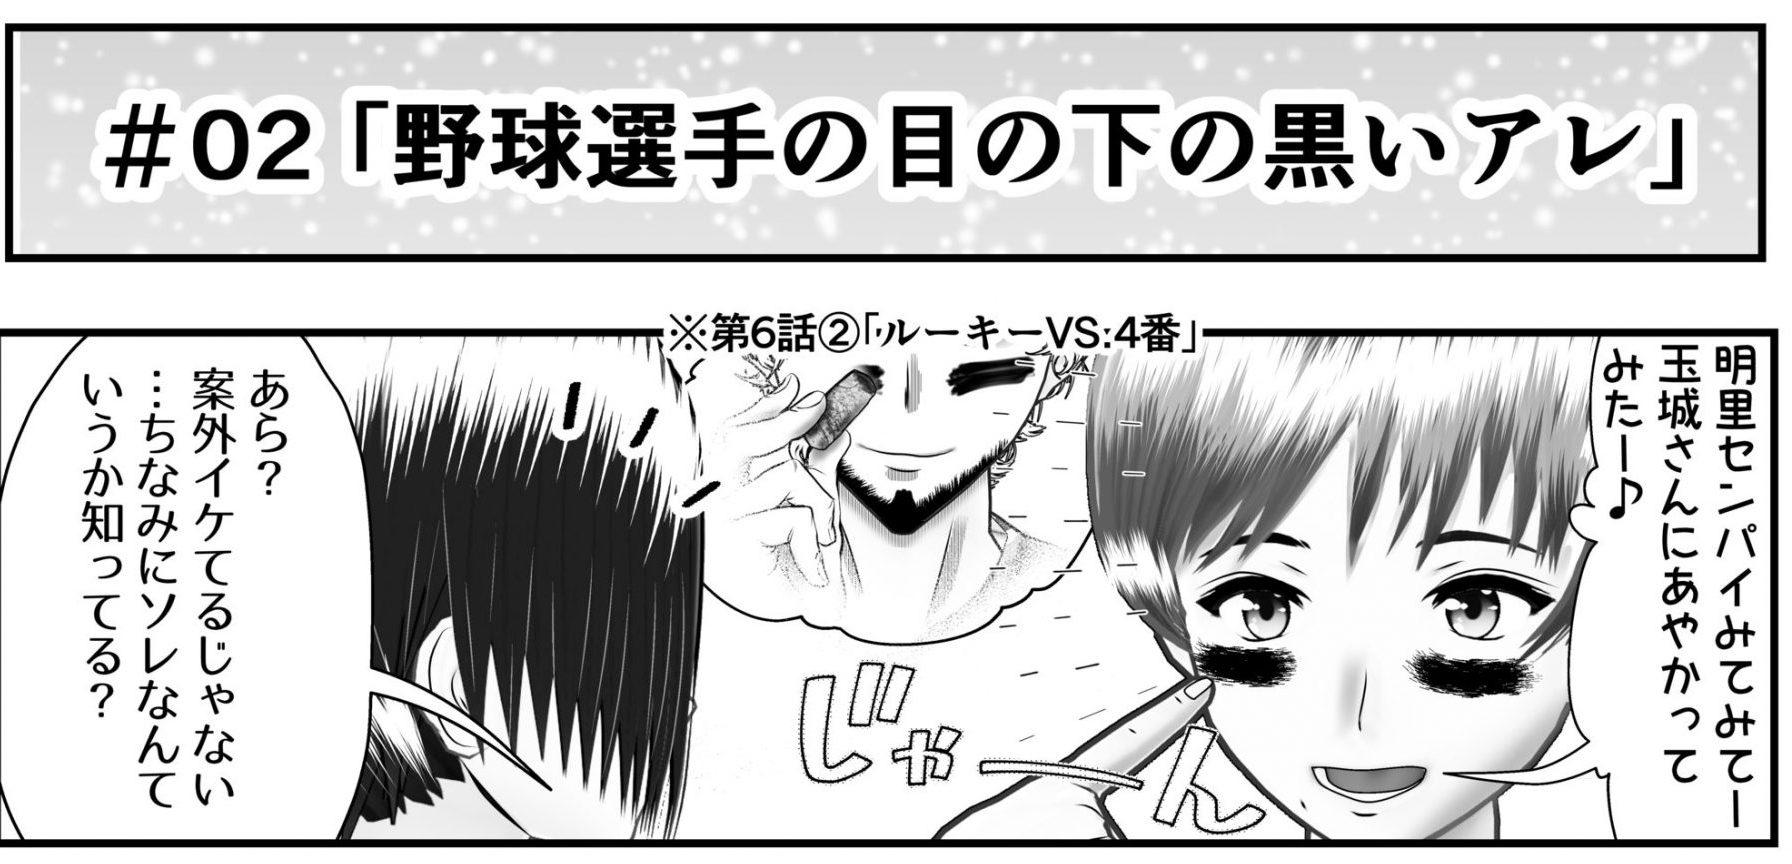 【4コマ漫画#02】野球選手の目の下の黒いアレ